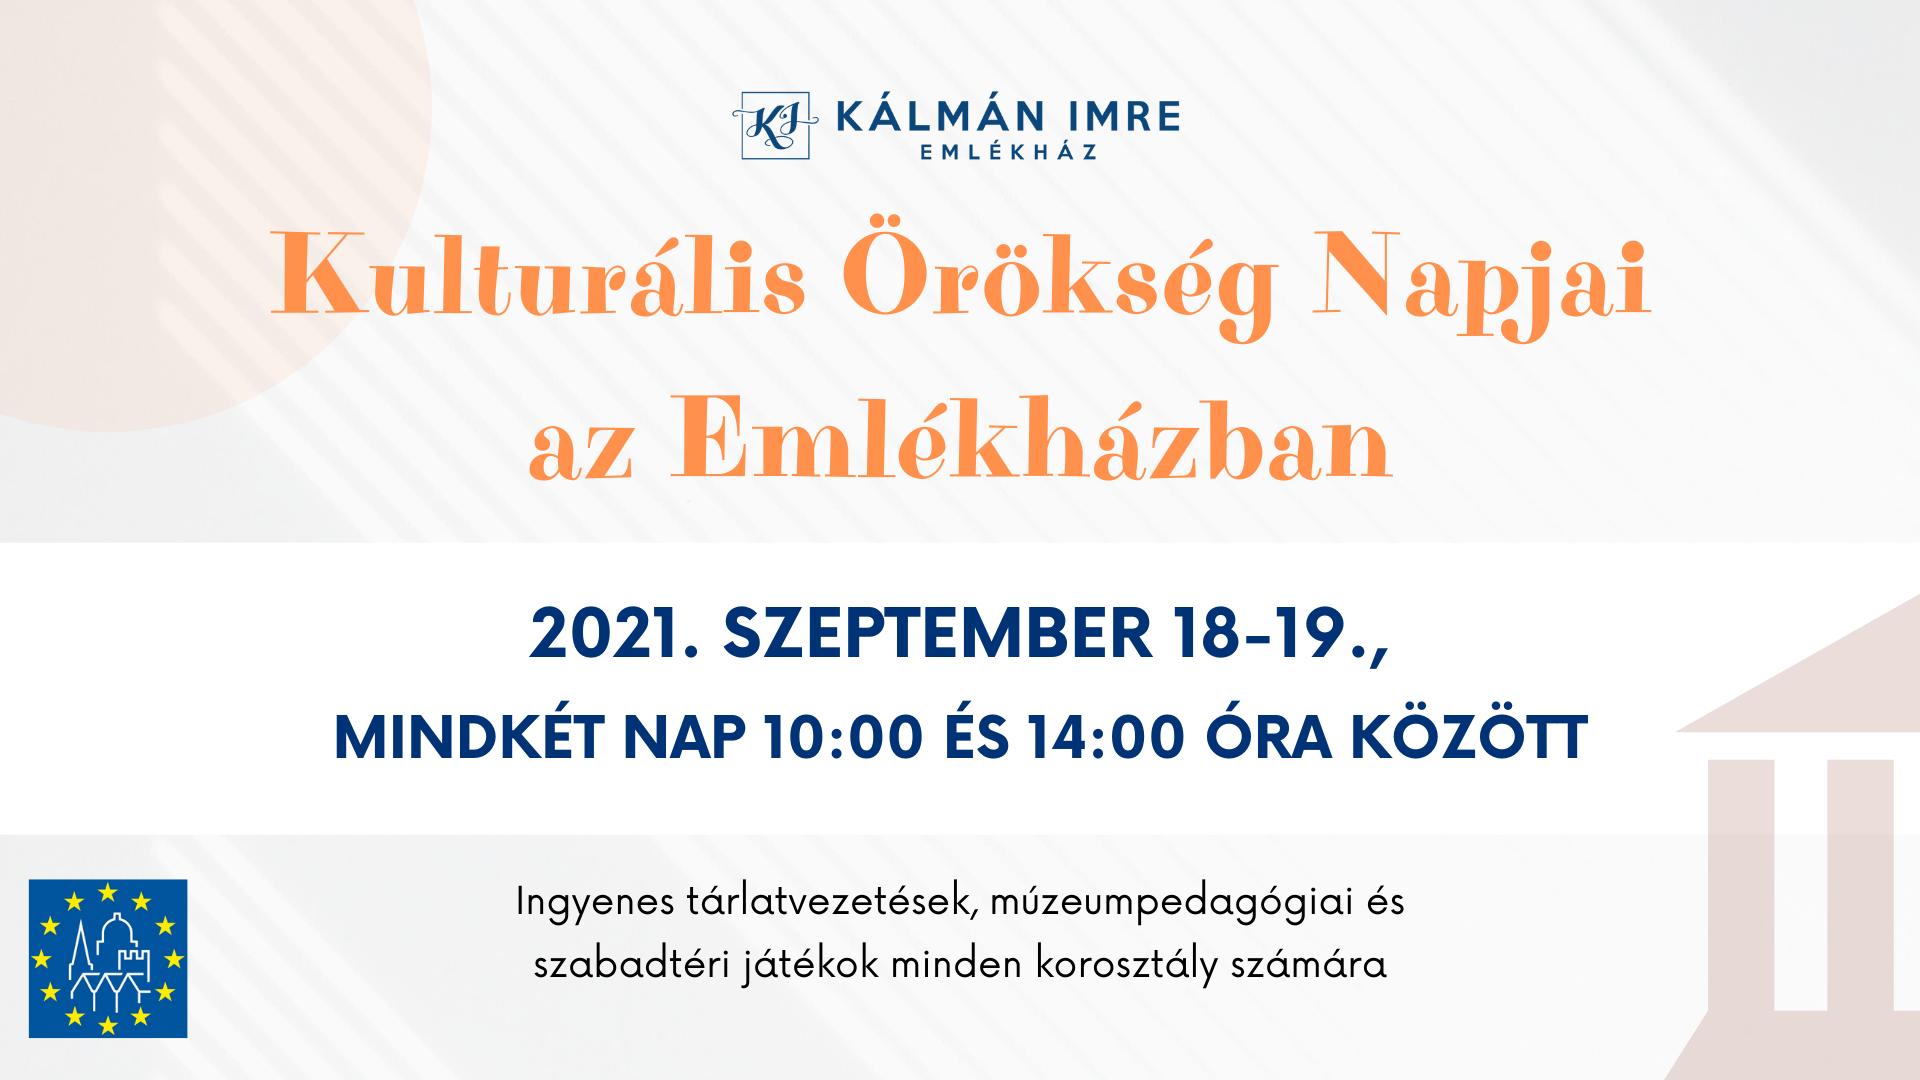 Kulturális Örökség Napjai az Emlékházban - 2021. szeptember 18-19.